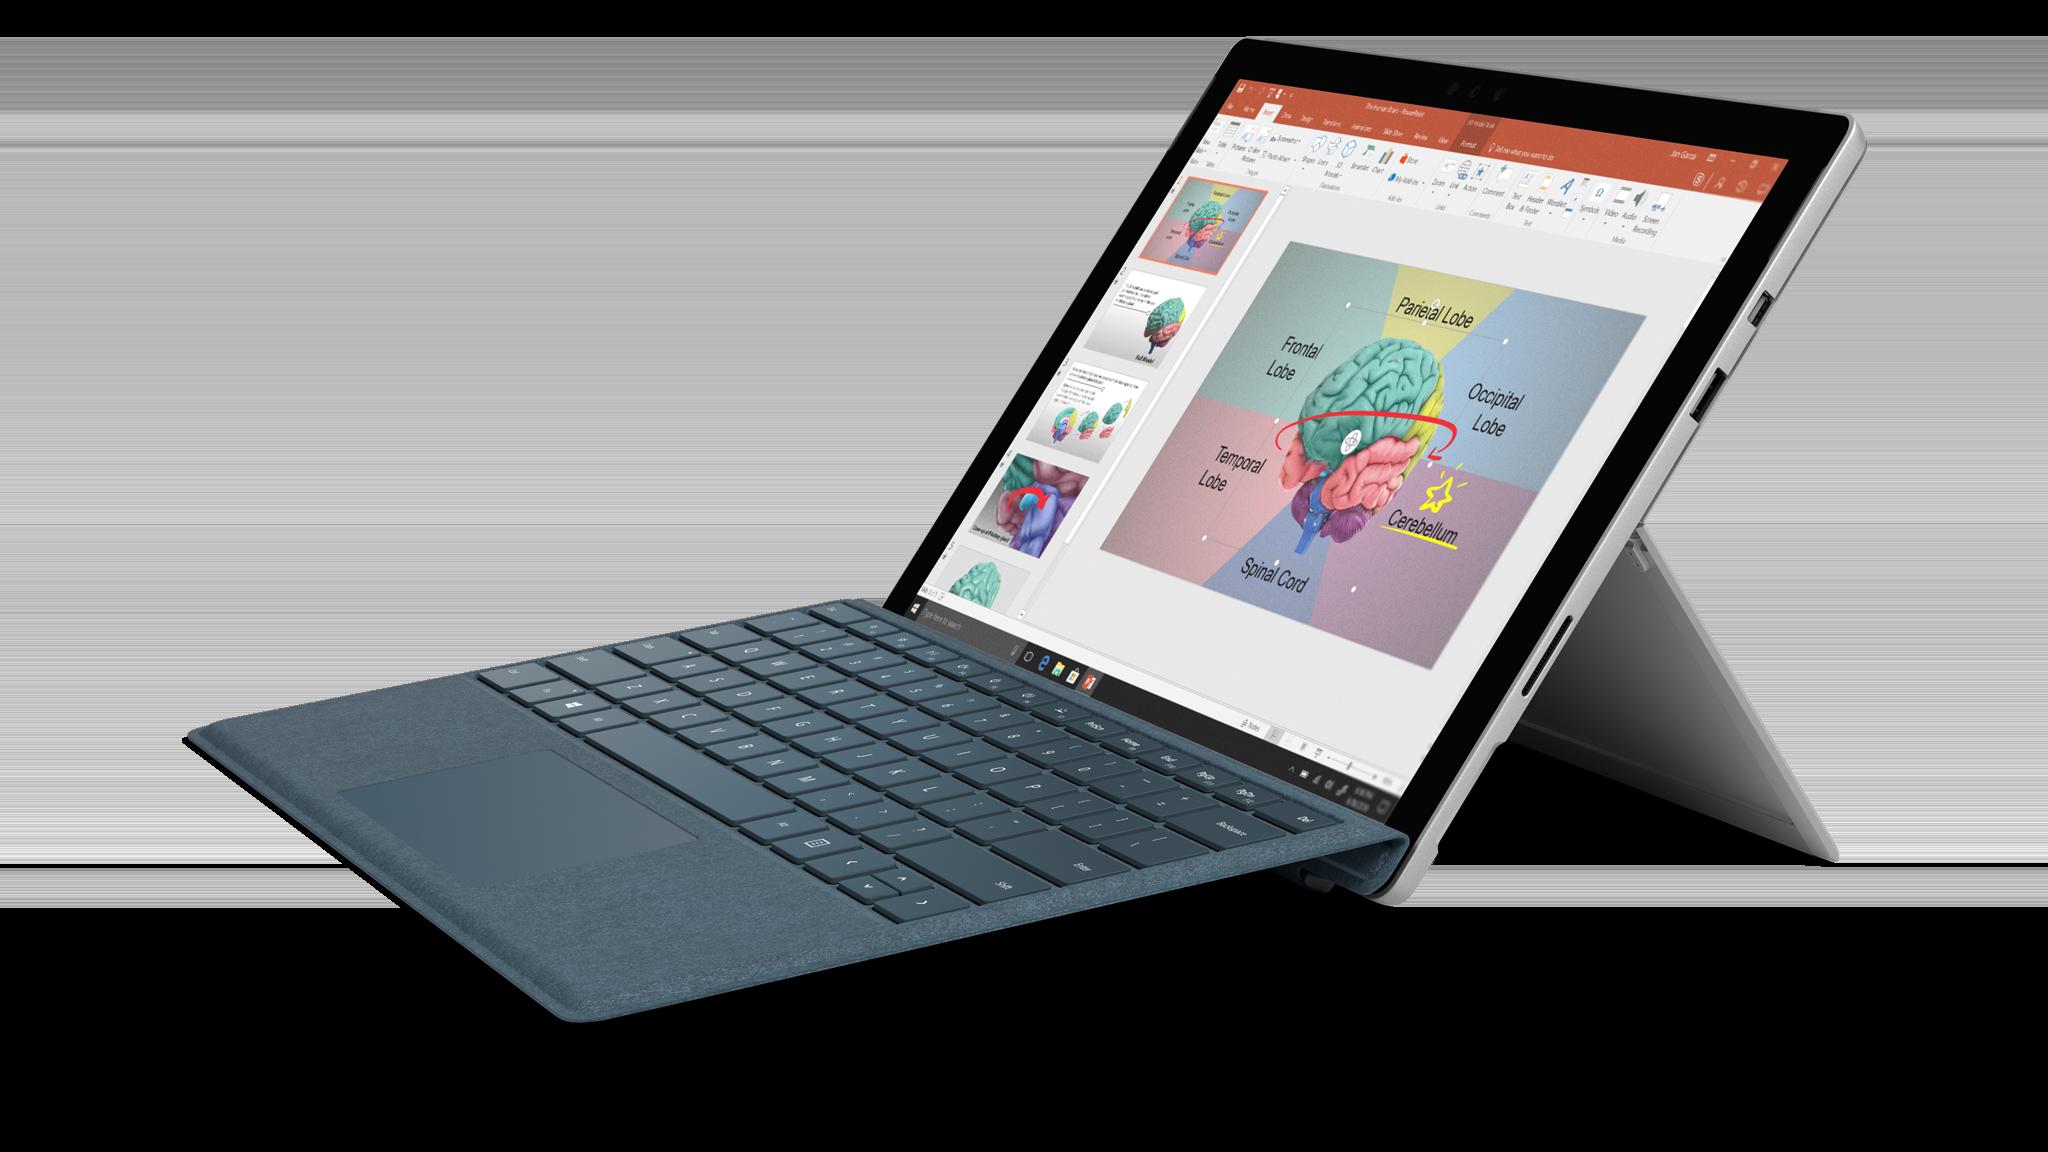 Surface Pro 侧视图